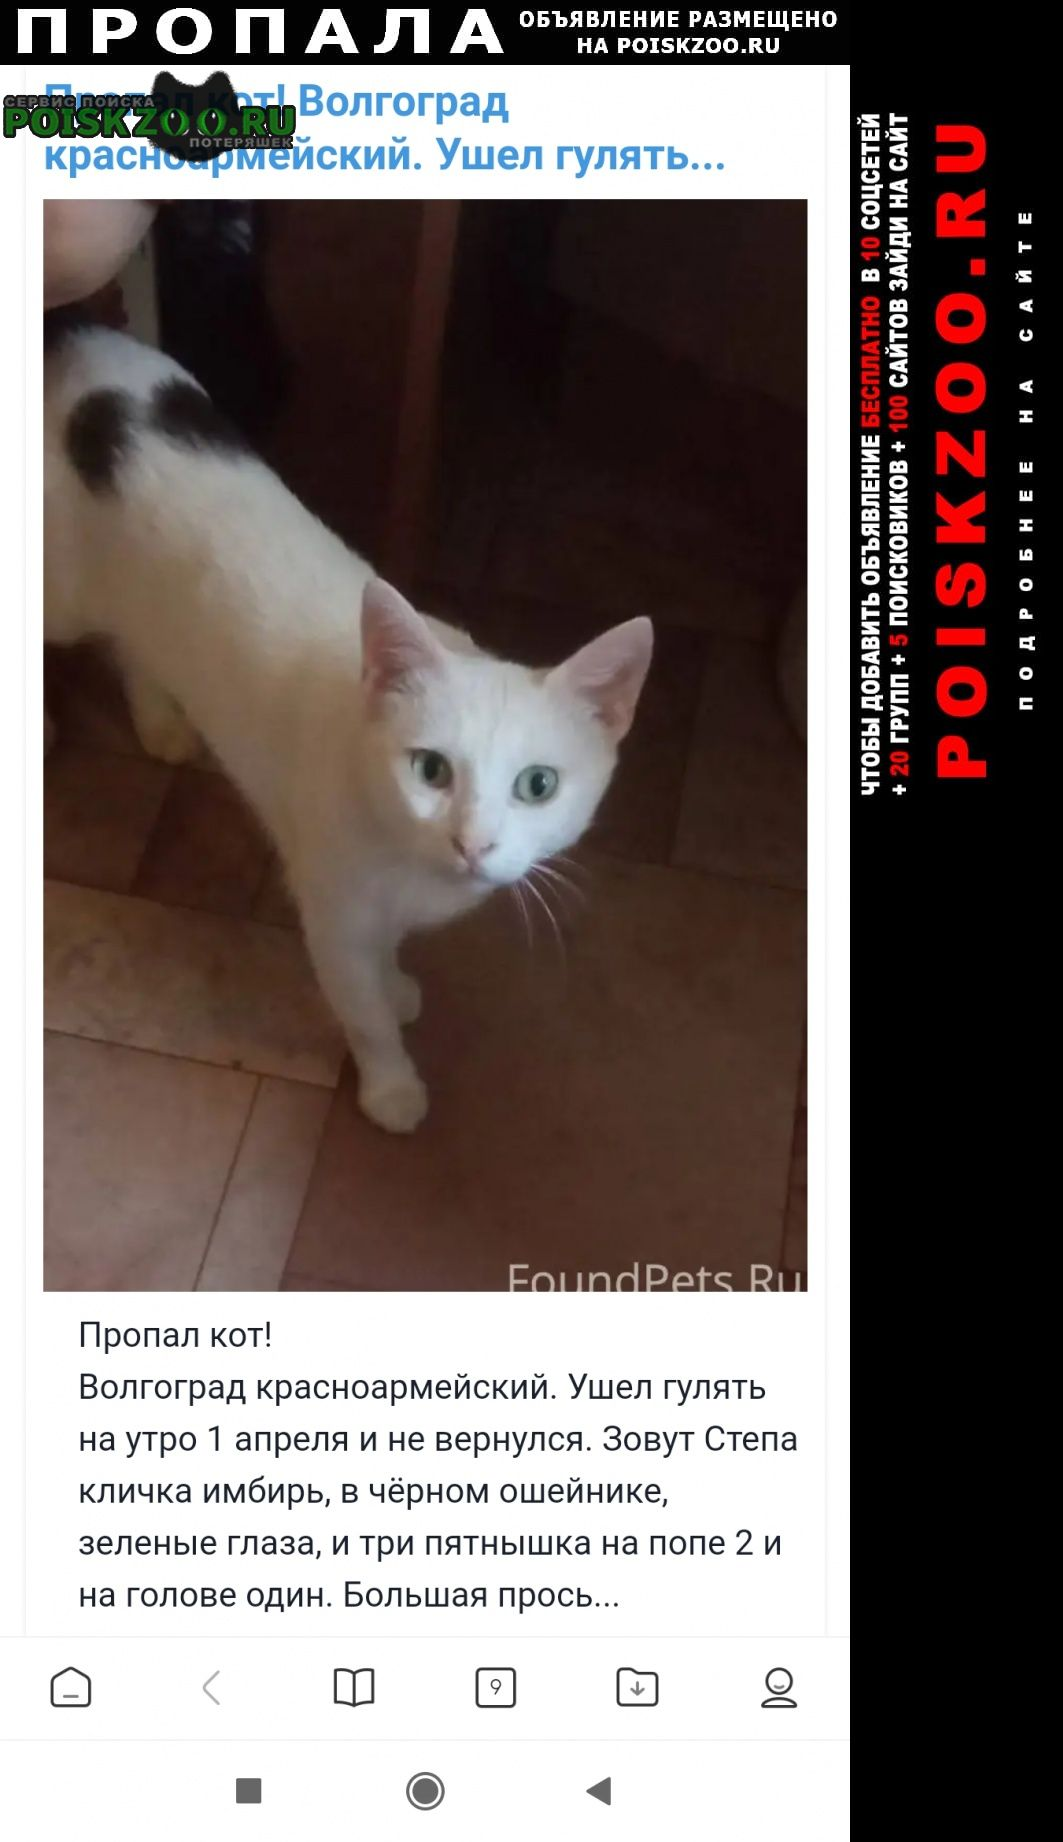 Пропал кот Волгоград